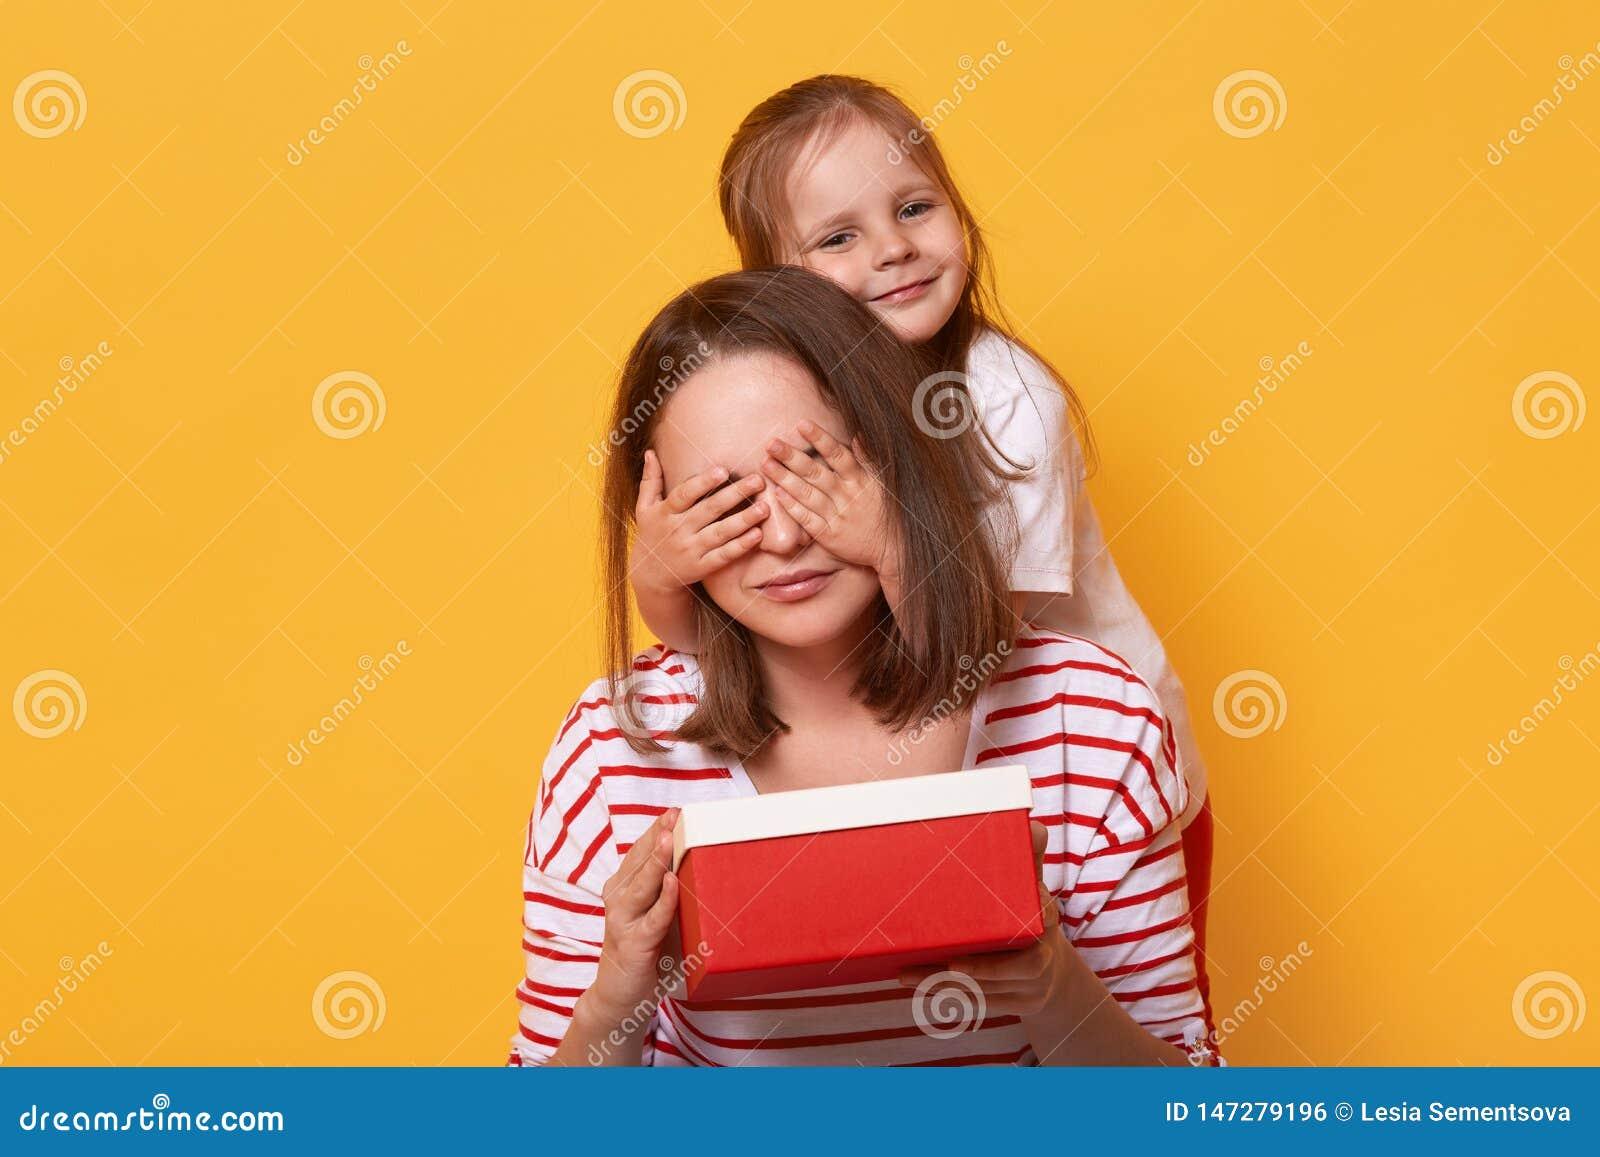 Το χαμόγελο λίγης κόρης κλείνει τα μάτια στο mom της και δίνει το κόκκινο κιβώτιό της, παρόν για την ημέρα της μητέρας, έκπληξη γ